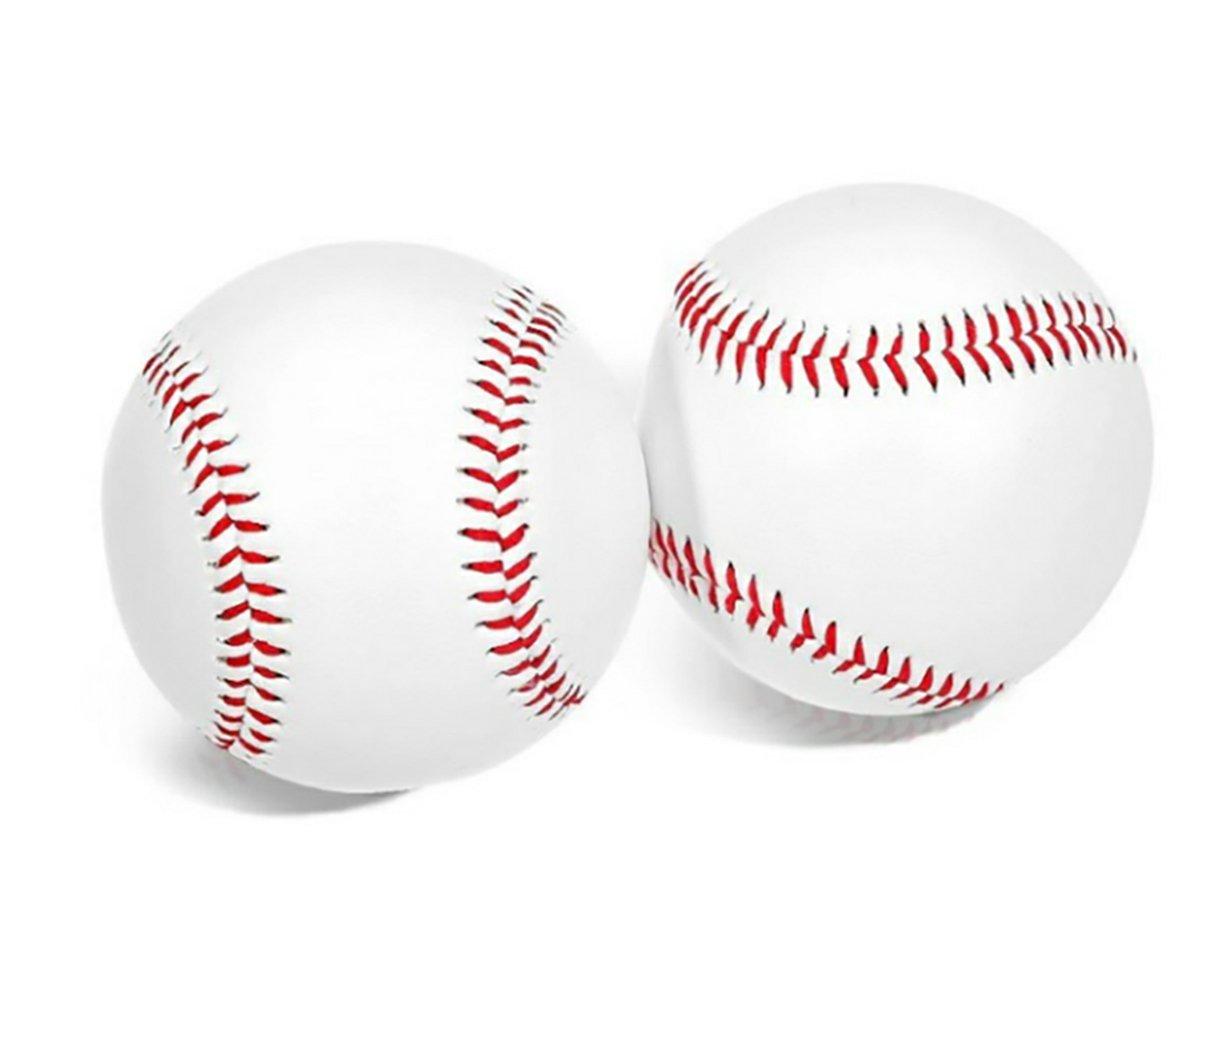 Hohe Qualität 9 Zoll handgemachte Baseballs PVC oberen Gummi inneren Soft & Hard Baseball Softball Bälle für Training ausüben Lbsel Direct DE